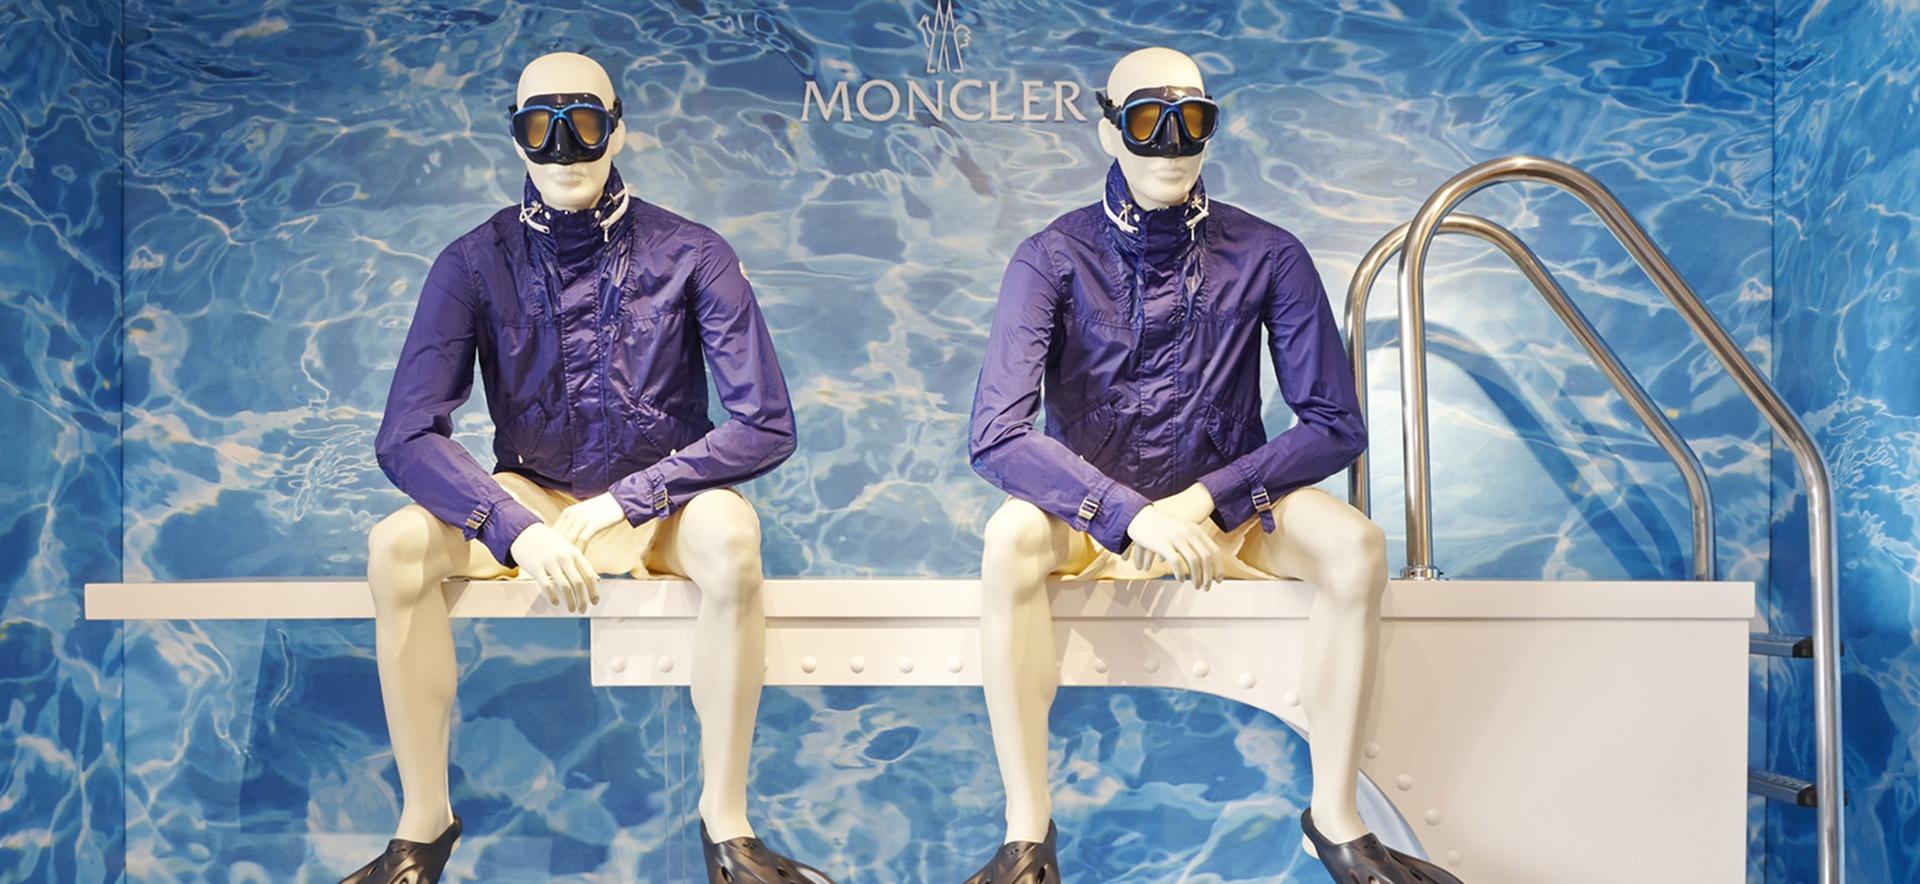 moncler-Bernatpdetudela-foto